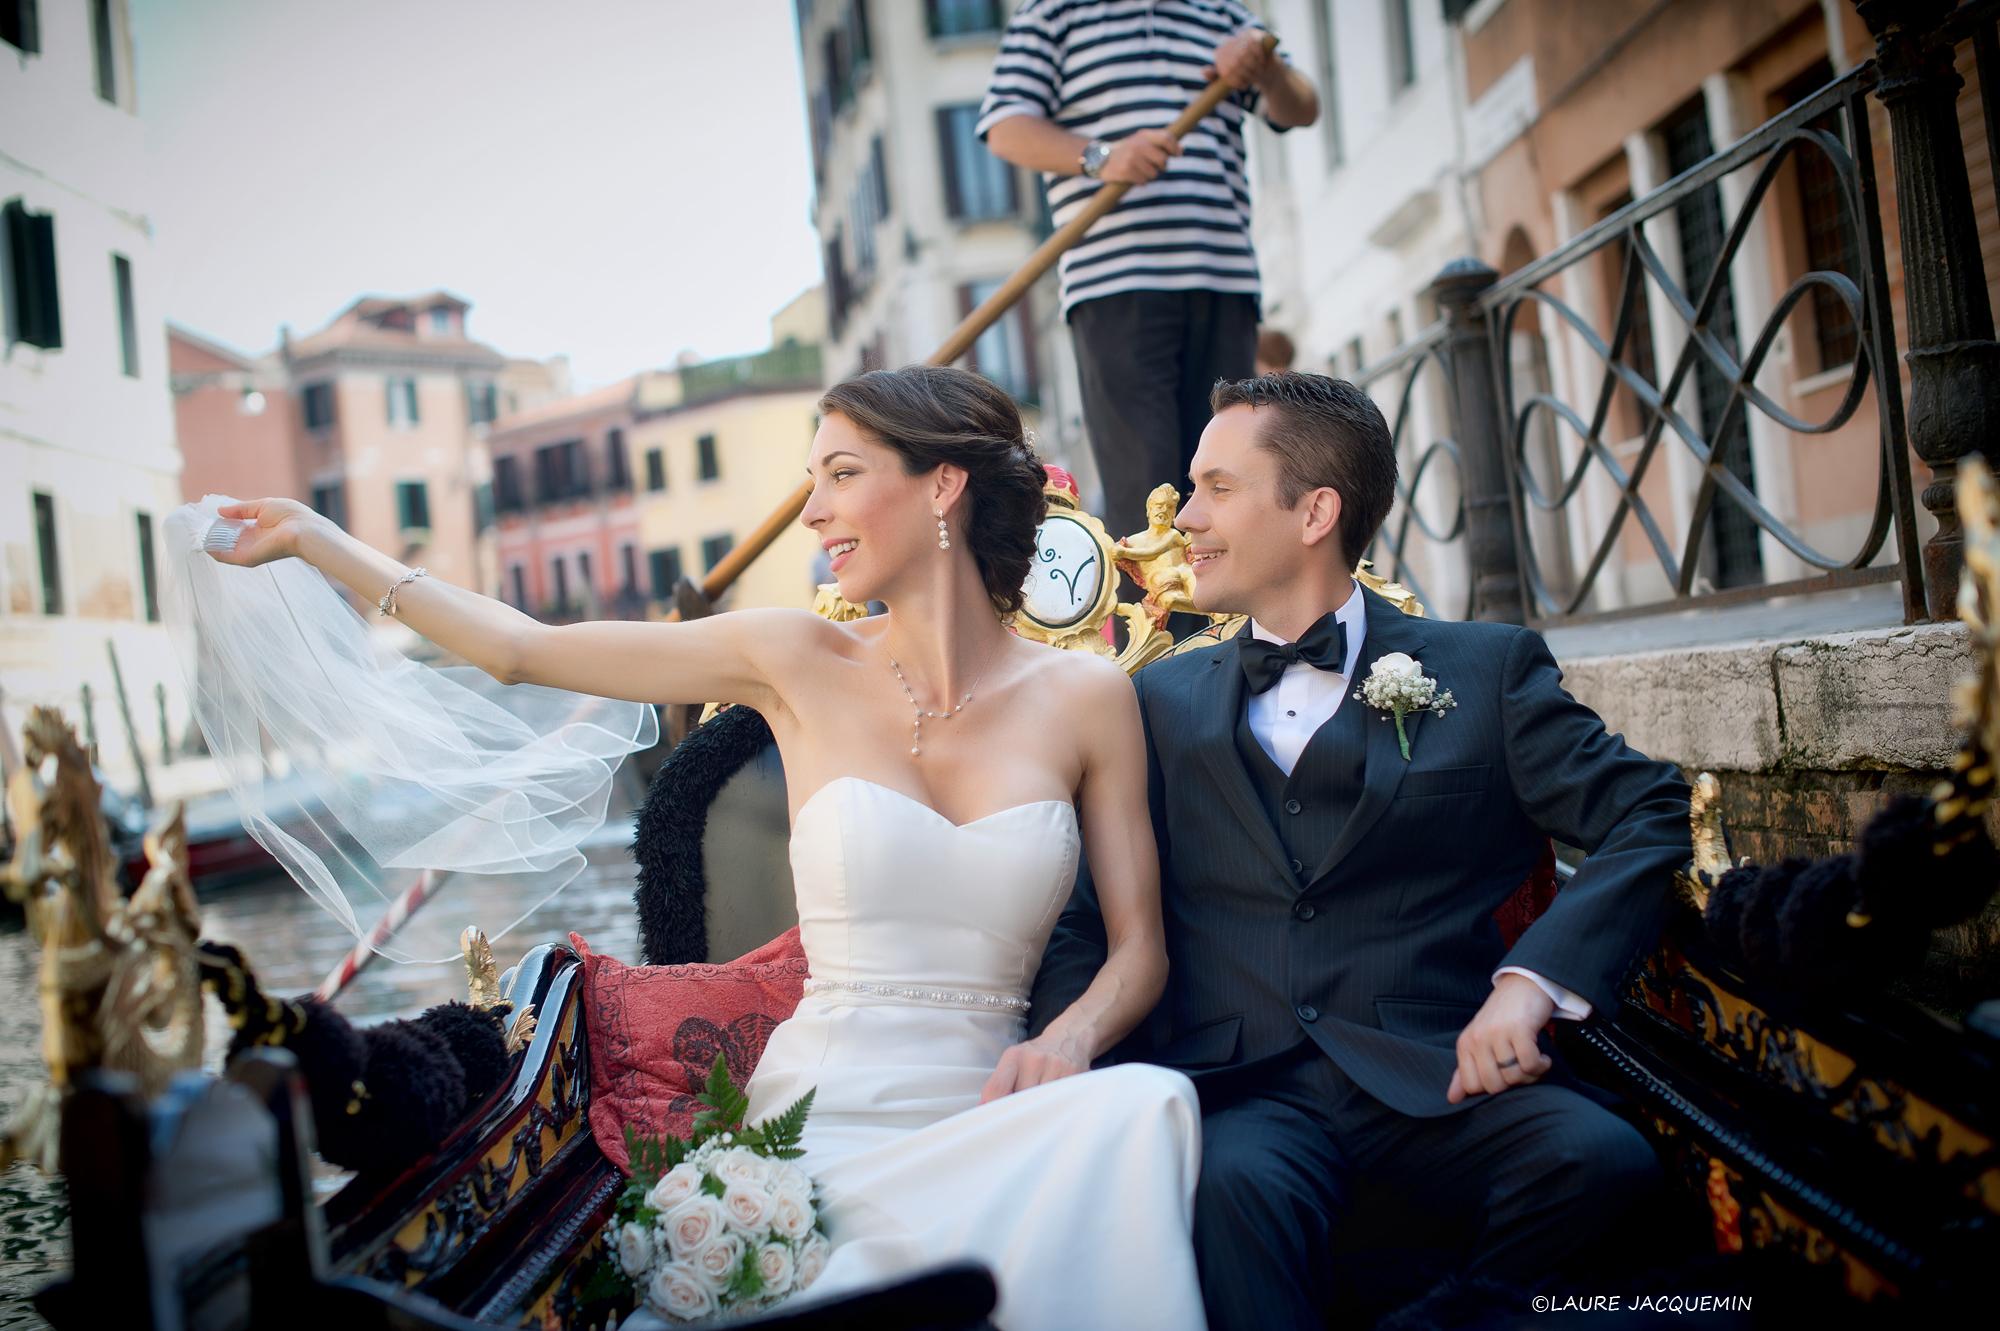 venise mariage photographe laure Jacquemin simbolique jardin venitien gondole (132)